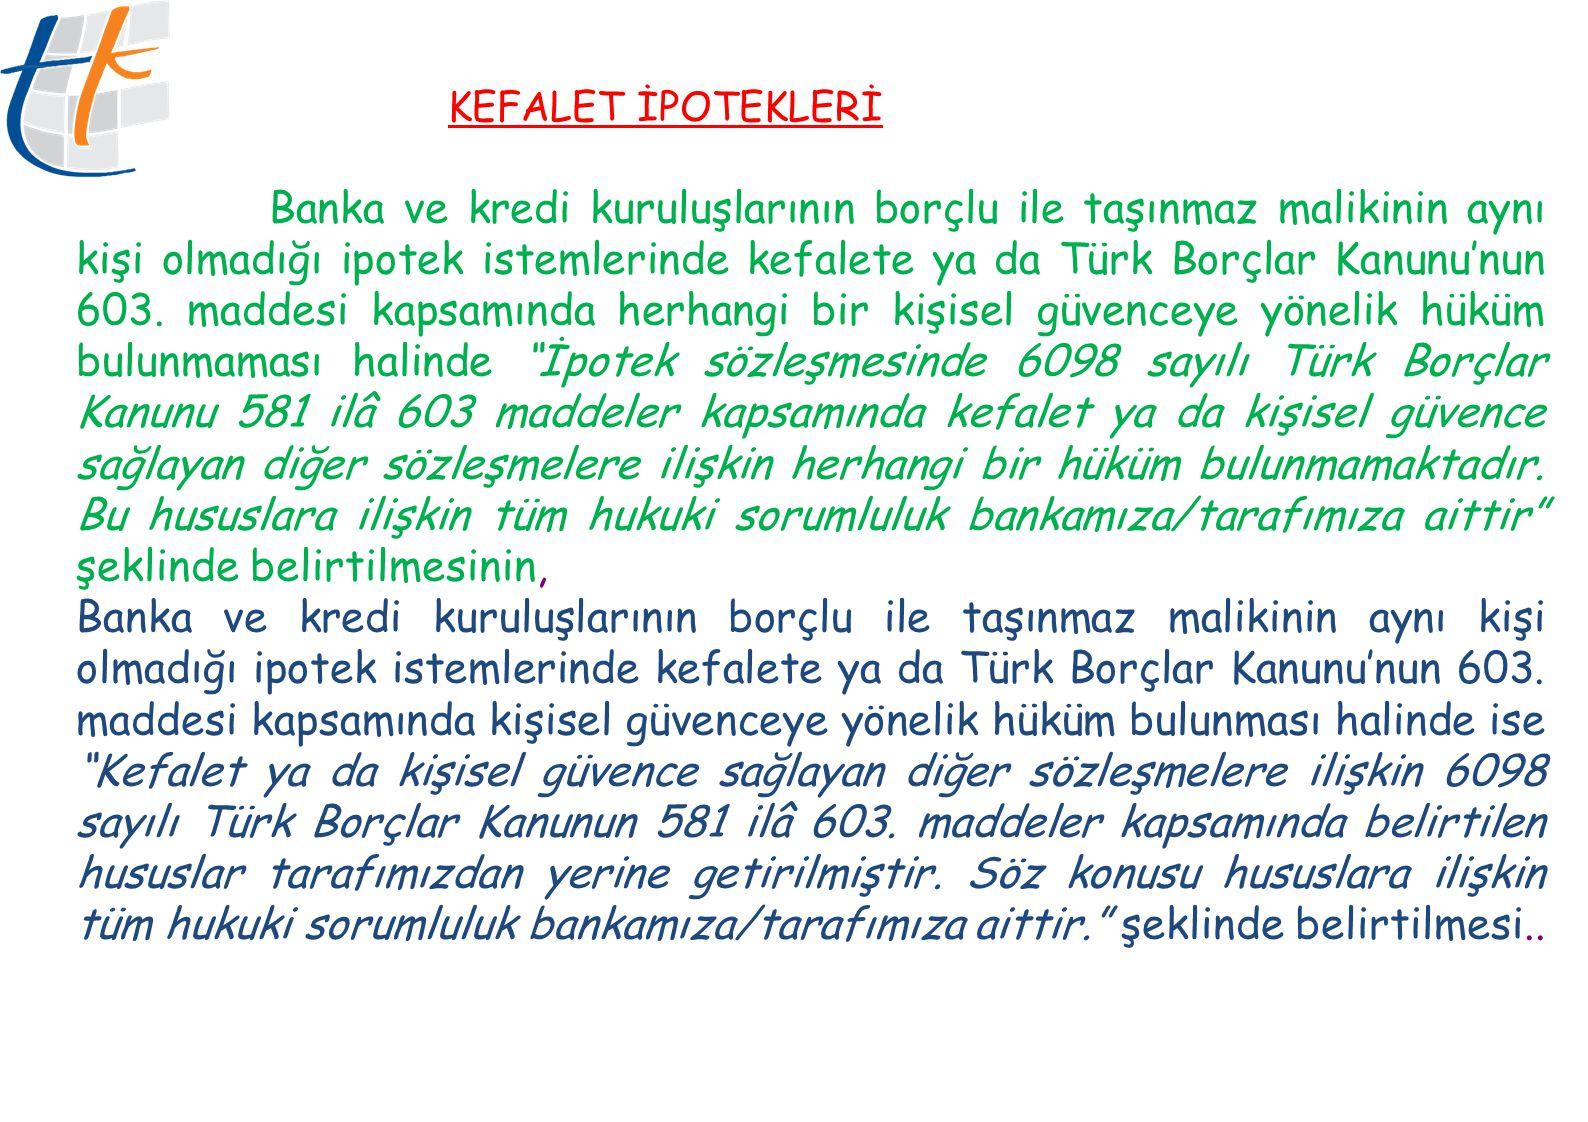 KEFALET İPOTEKLERİ Banka ve kredi kuruluşlarının borçlu ile taşınmaz malikinin aynı kişi olmadığı ipotek istemlerinde kefalete ya da Türk Borçlar Kanu